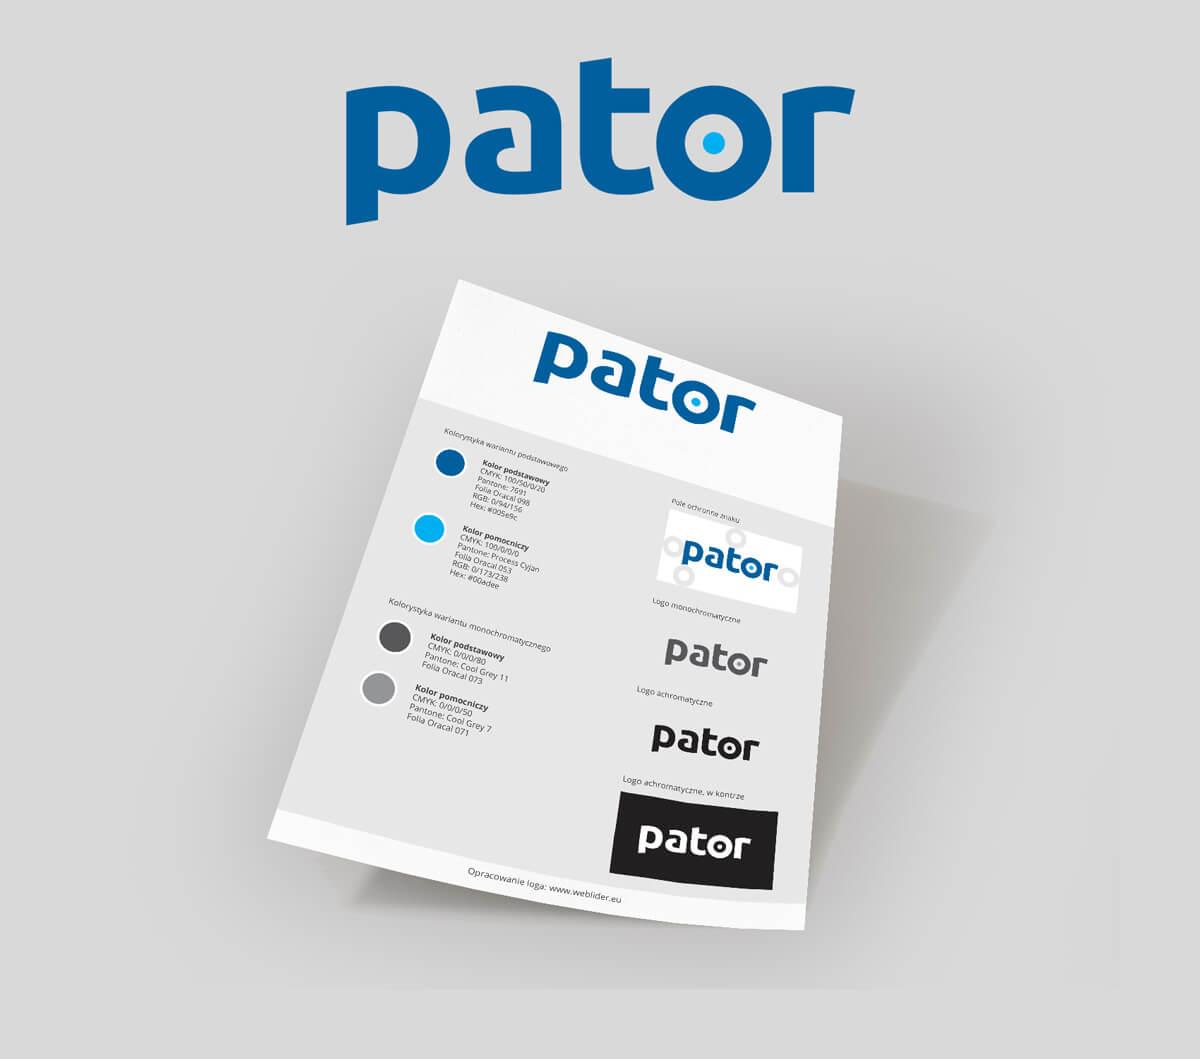 Pator - projekt logo i identyfikacji wizualnej